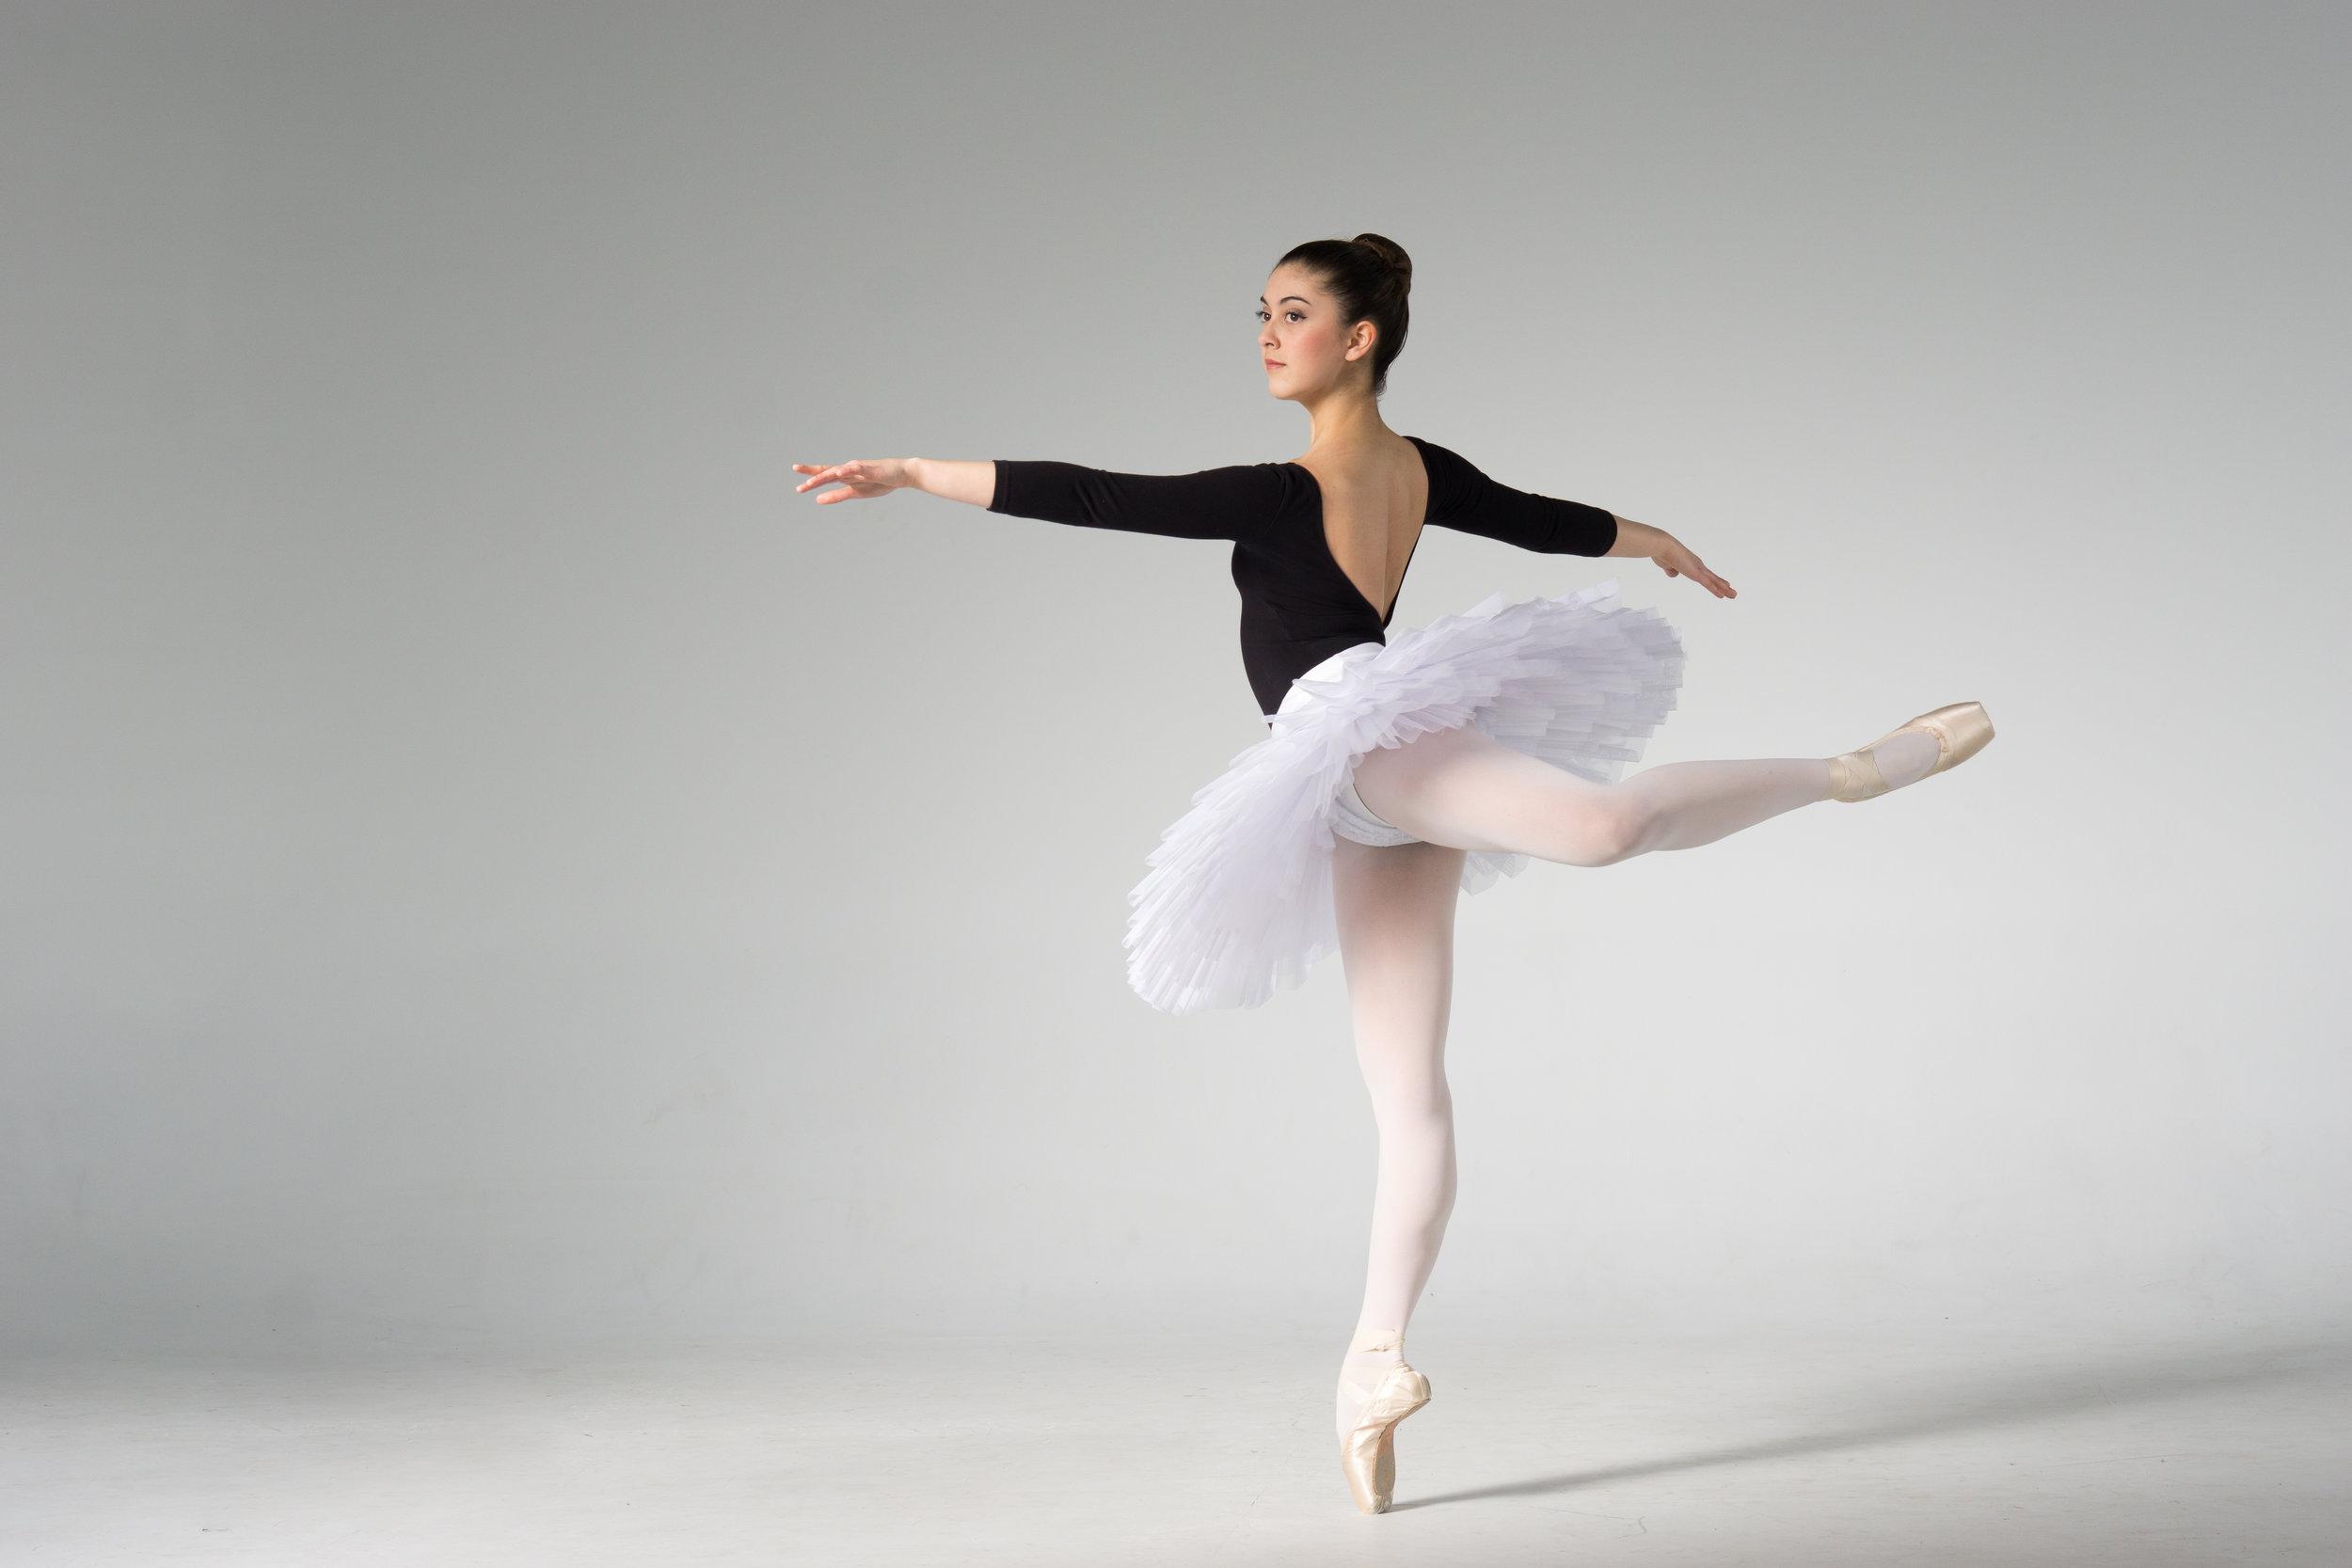 ballet dancer in tutu on pointe